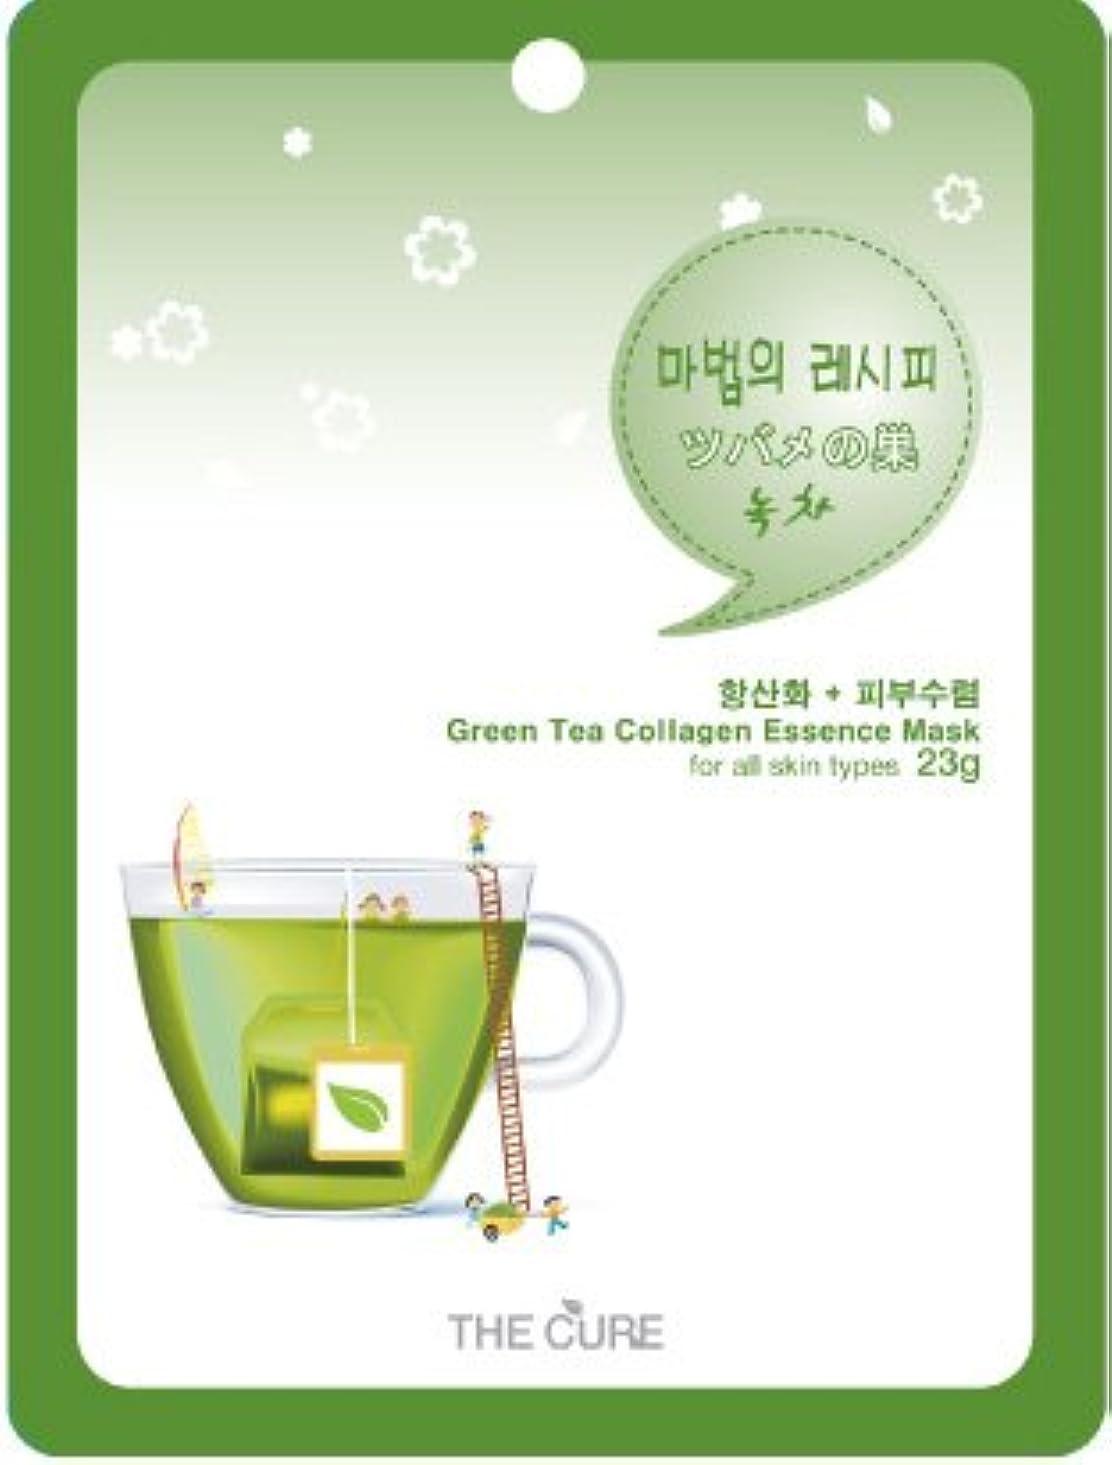 かるファイル野心緑茶 コラーゲン エッセンス マスク THE CURE シート パック 10枚セット 韓国 コスメ 乾燥肌 オイリー肌 混合肌